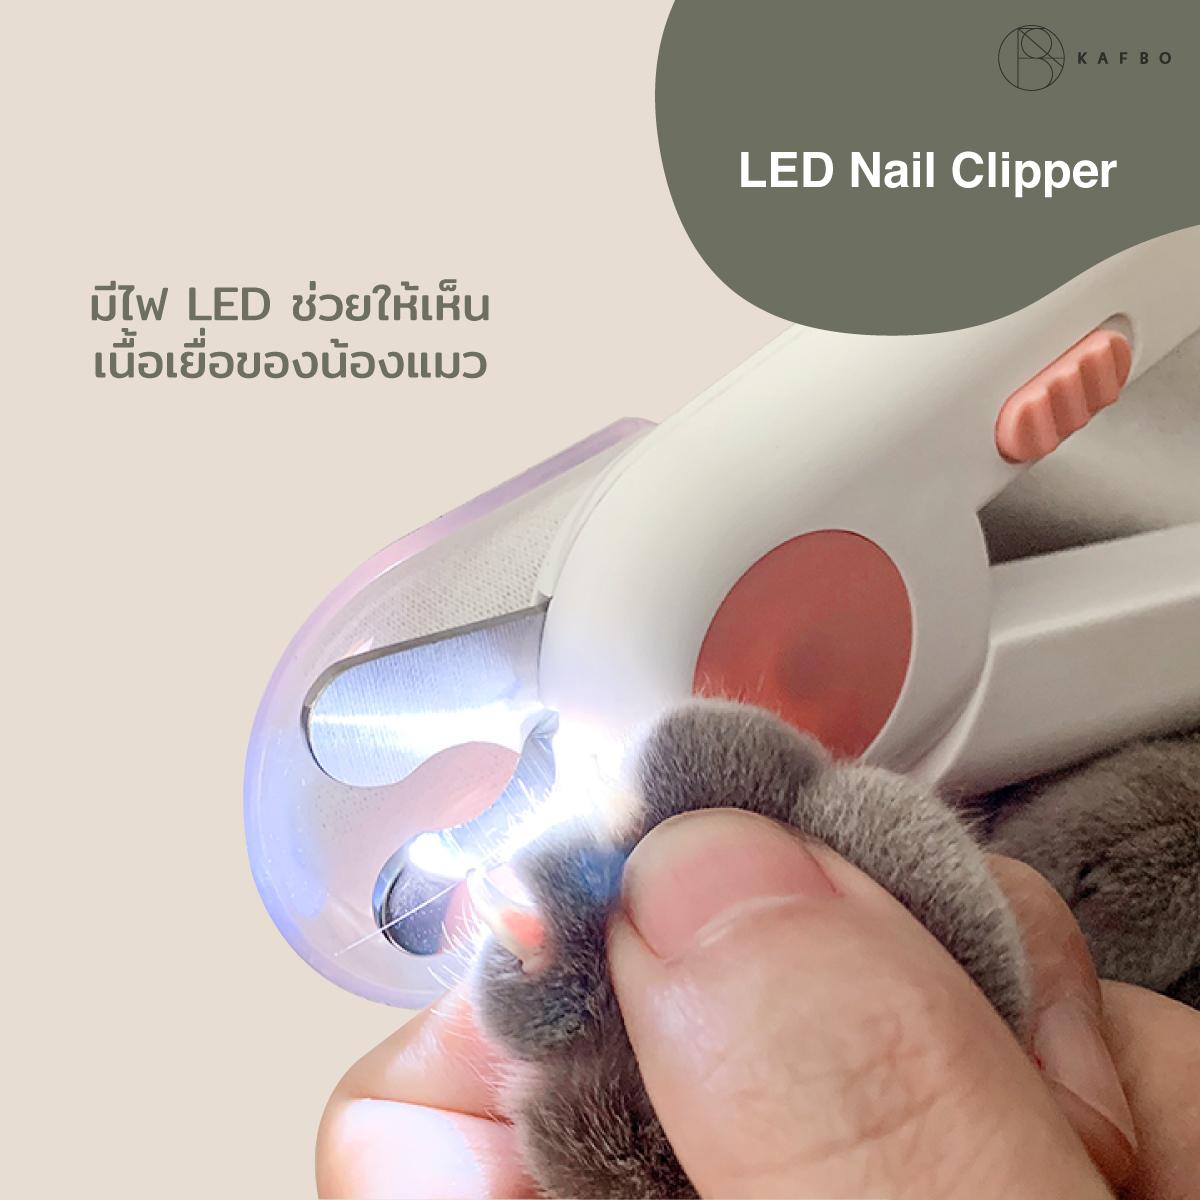 LED NAIL CLIPPER